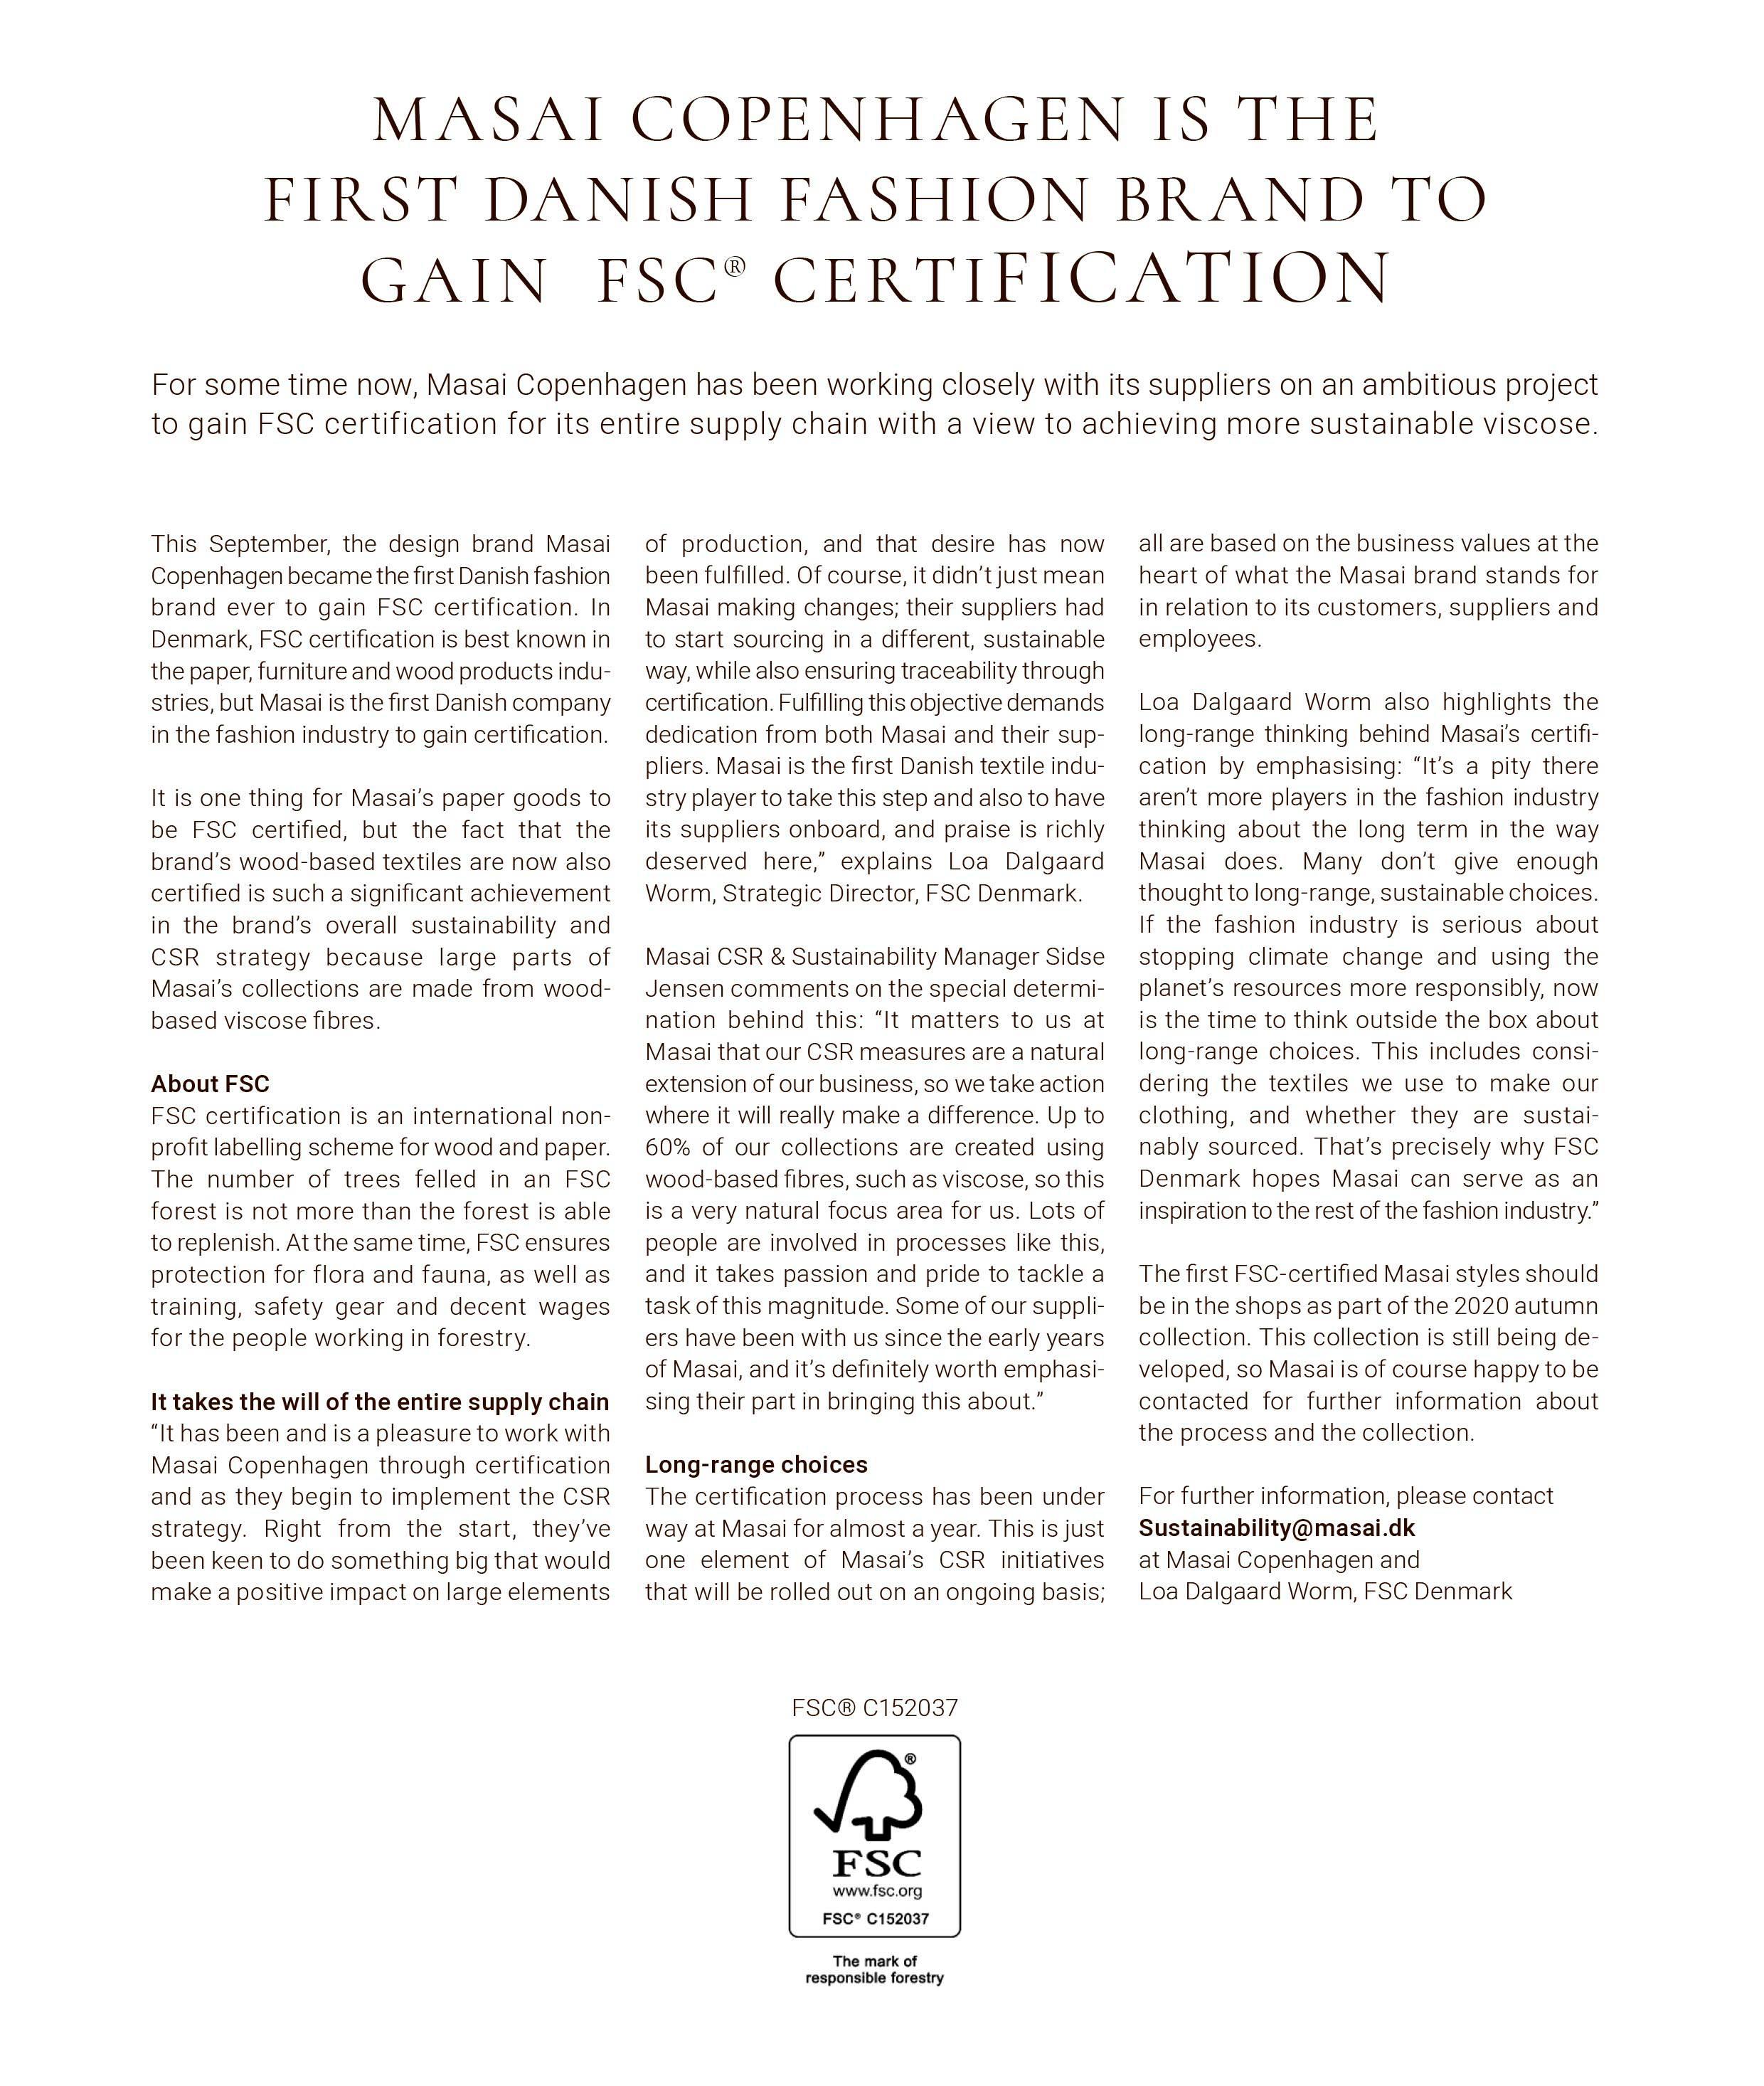 FSC and Masai Press Release